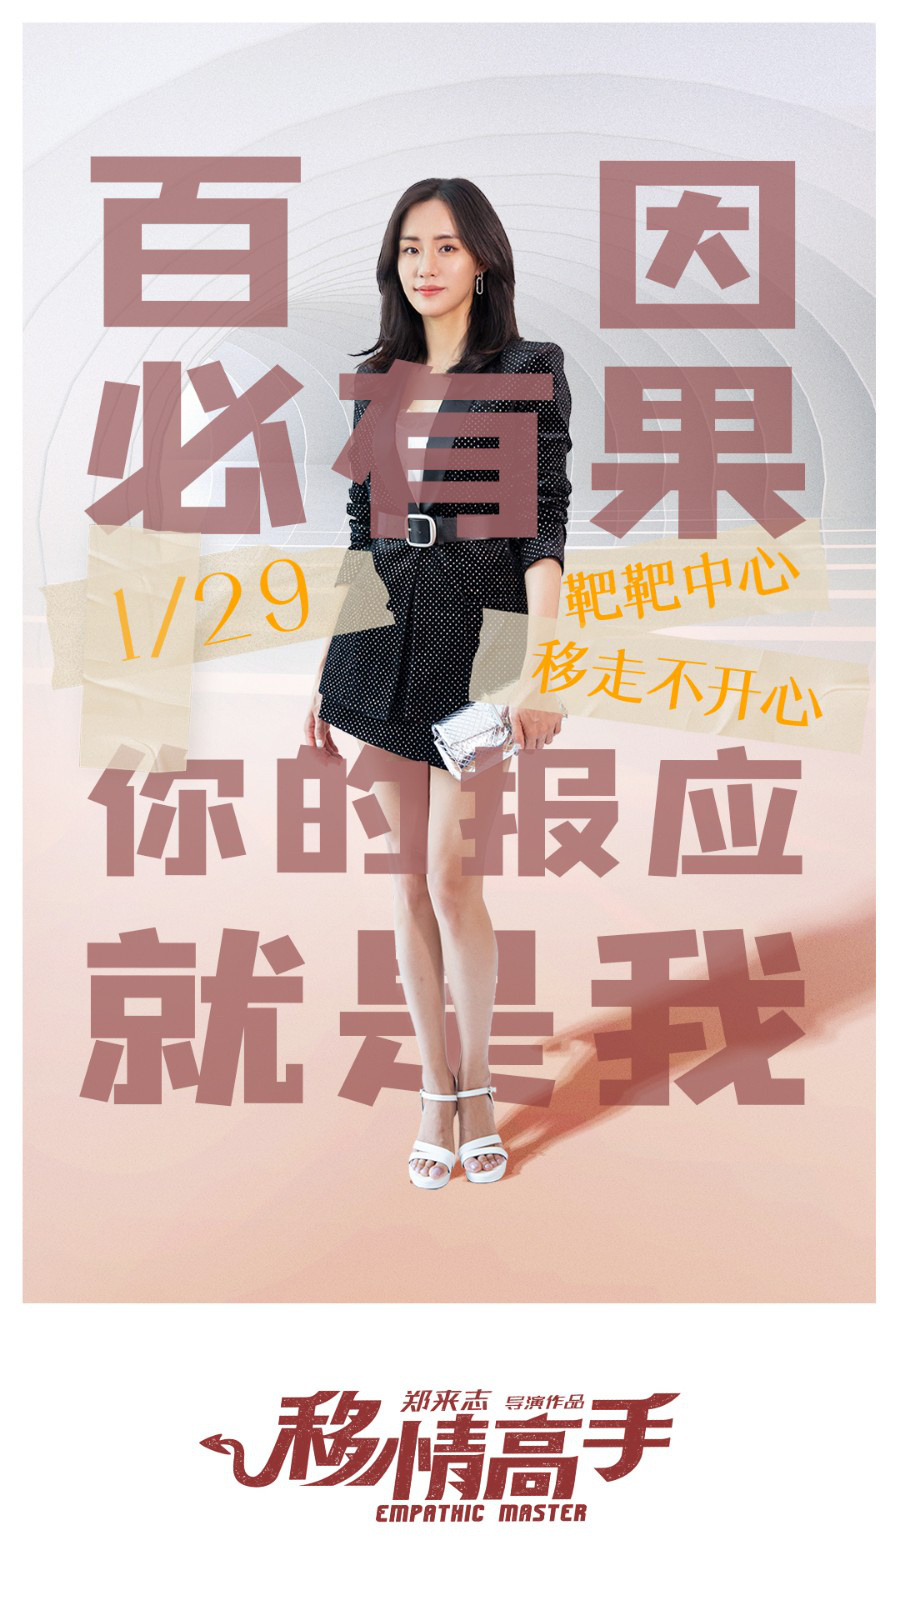 《移情高手》人物海报开云新电影1.29爆笑上映